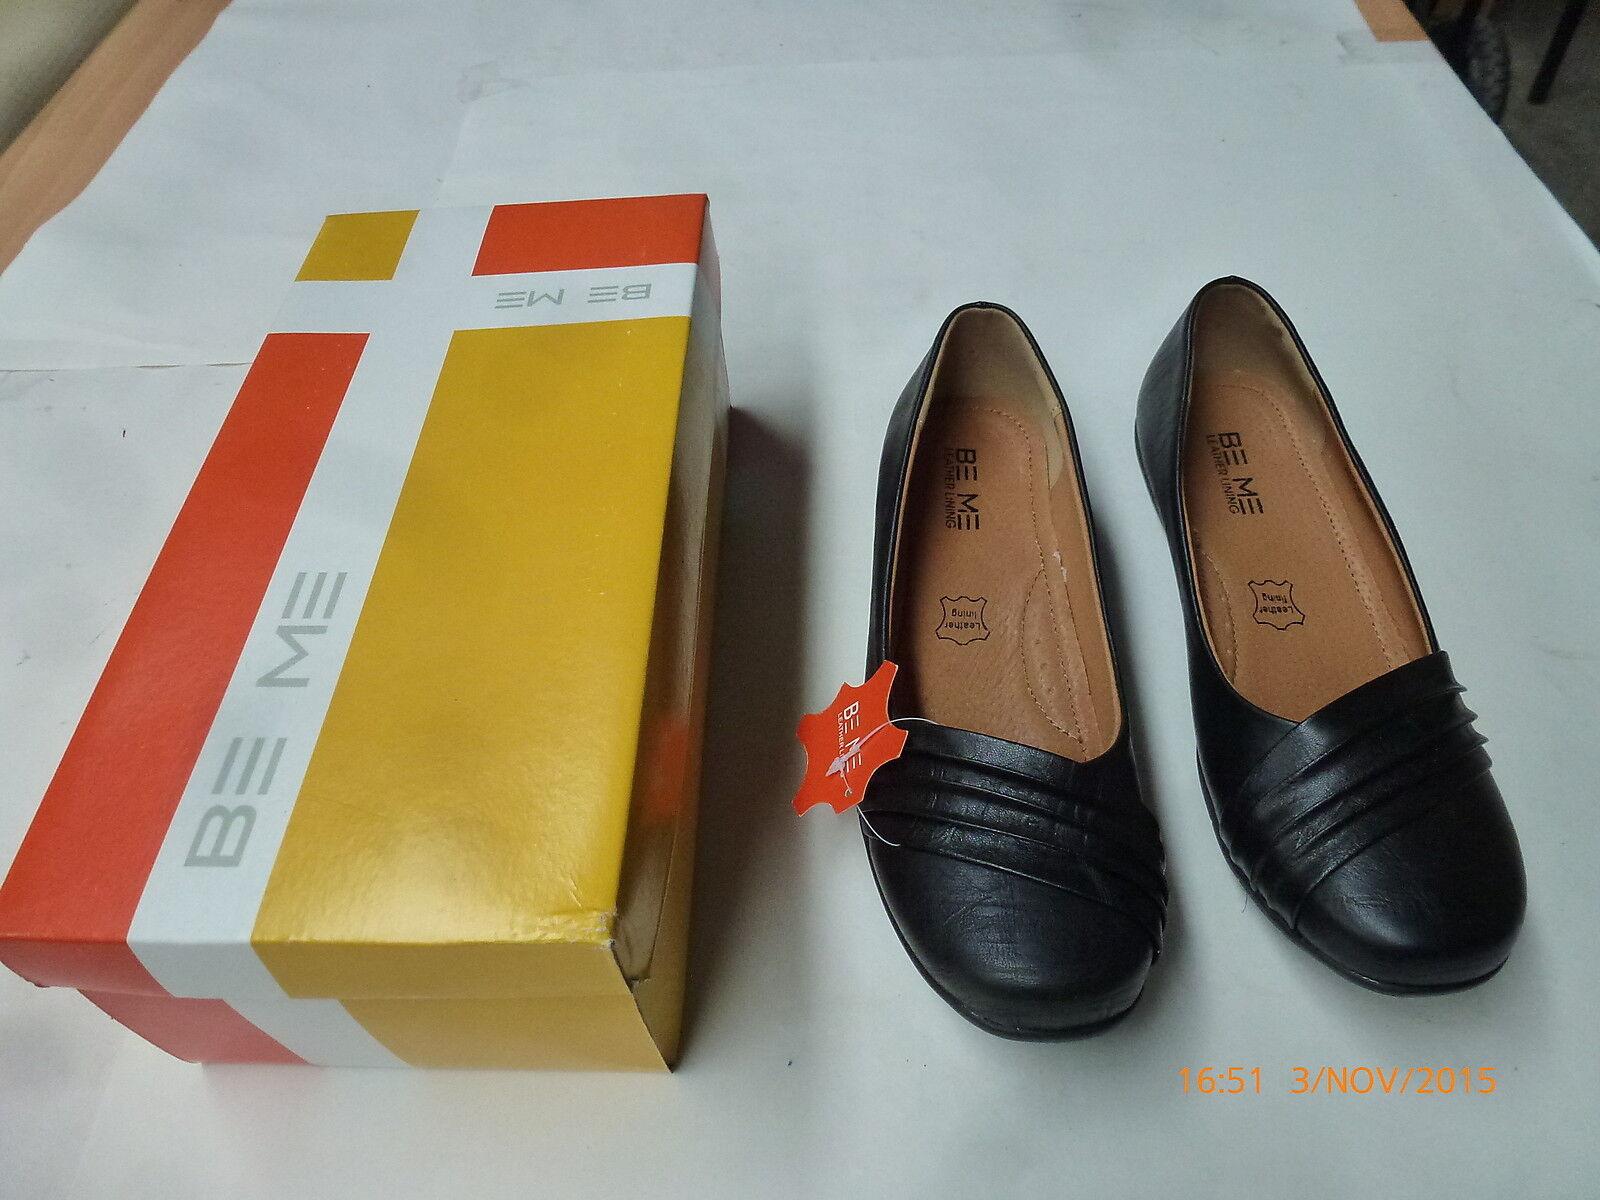 Se me Sasha W14 Negro arruga Sm S S S Mujer Cuero Zapato Suela De Goma Talla 6 37 Nuevo  compras de moda online